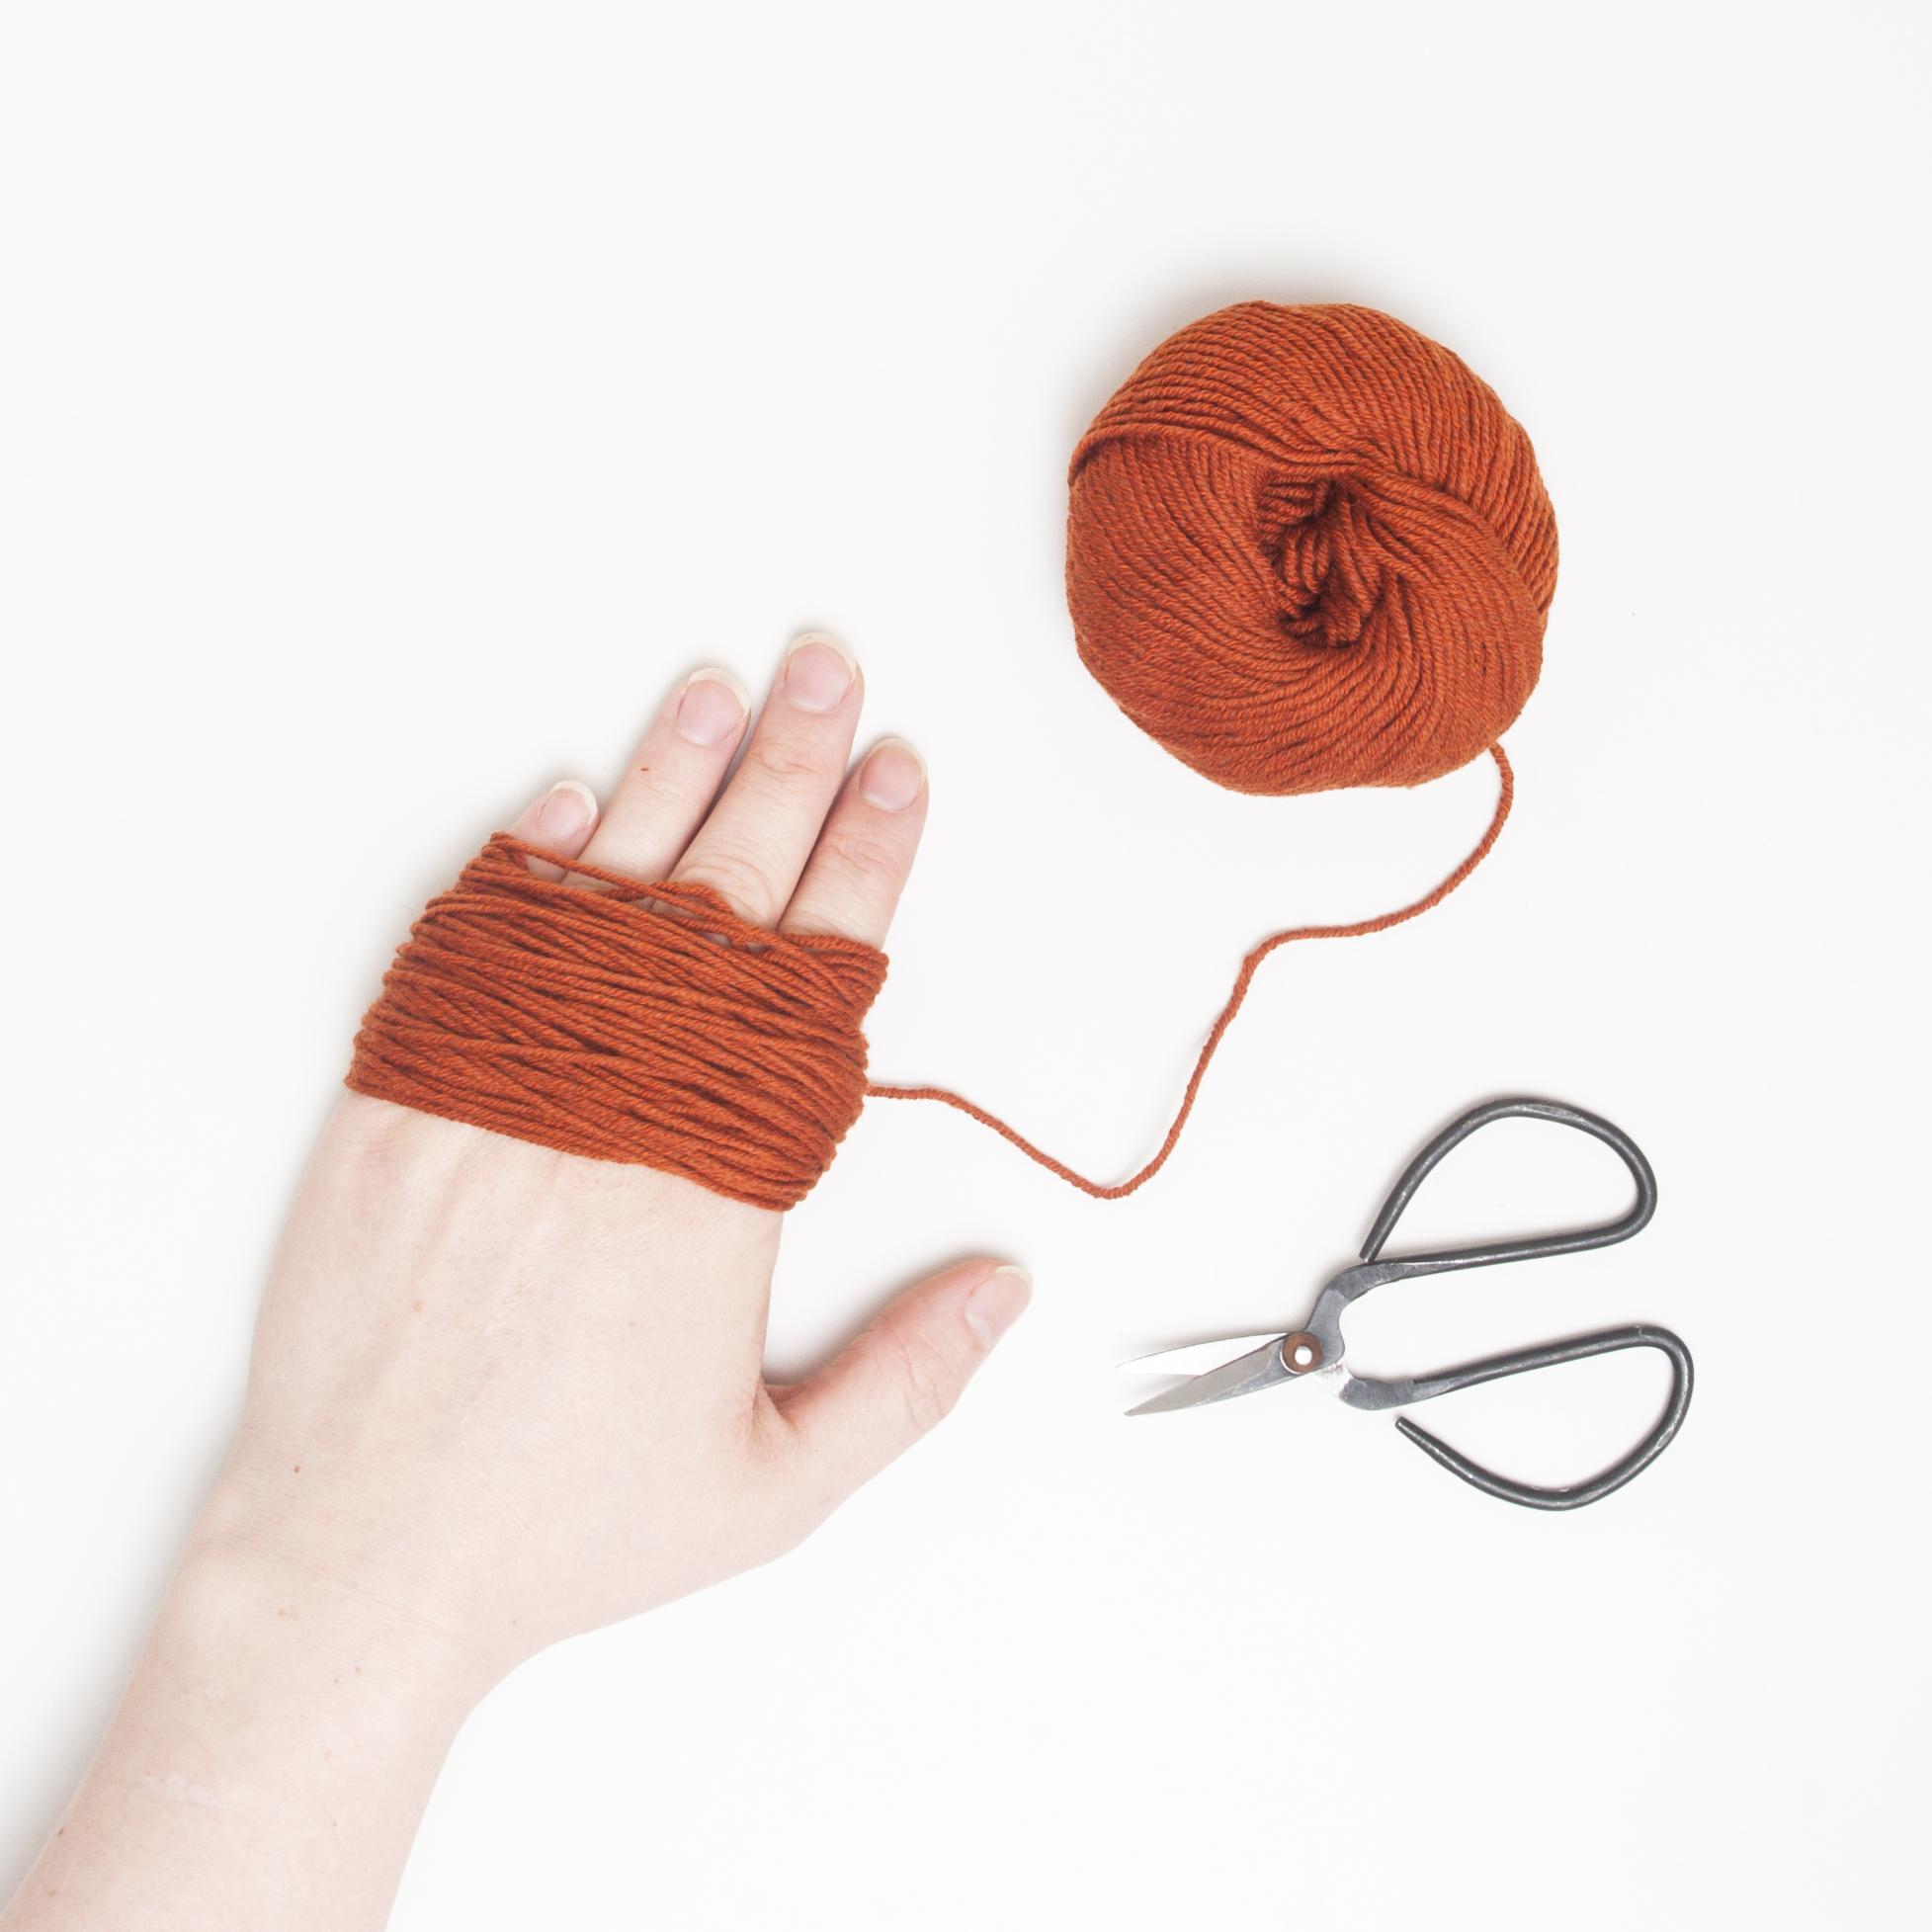 Først trenger du mange små trådbiter i lik lengde - surr garnet rundt hånda, telefonen eller en fyrstikkeske, og klipp opp den ene siden.